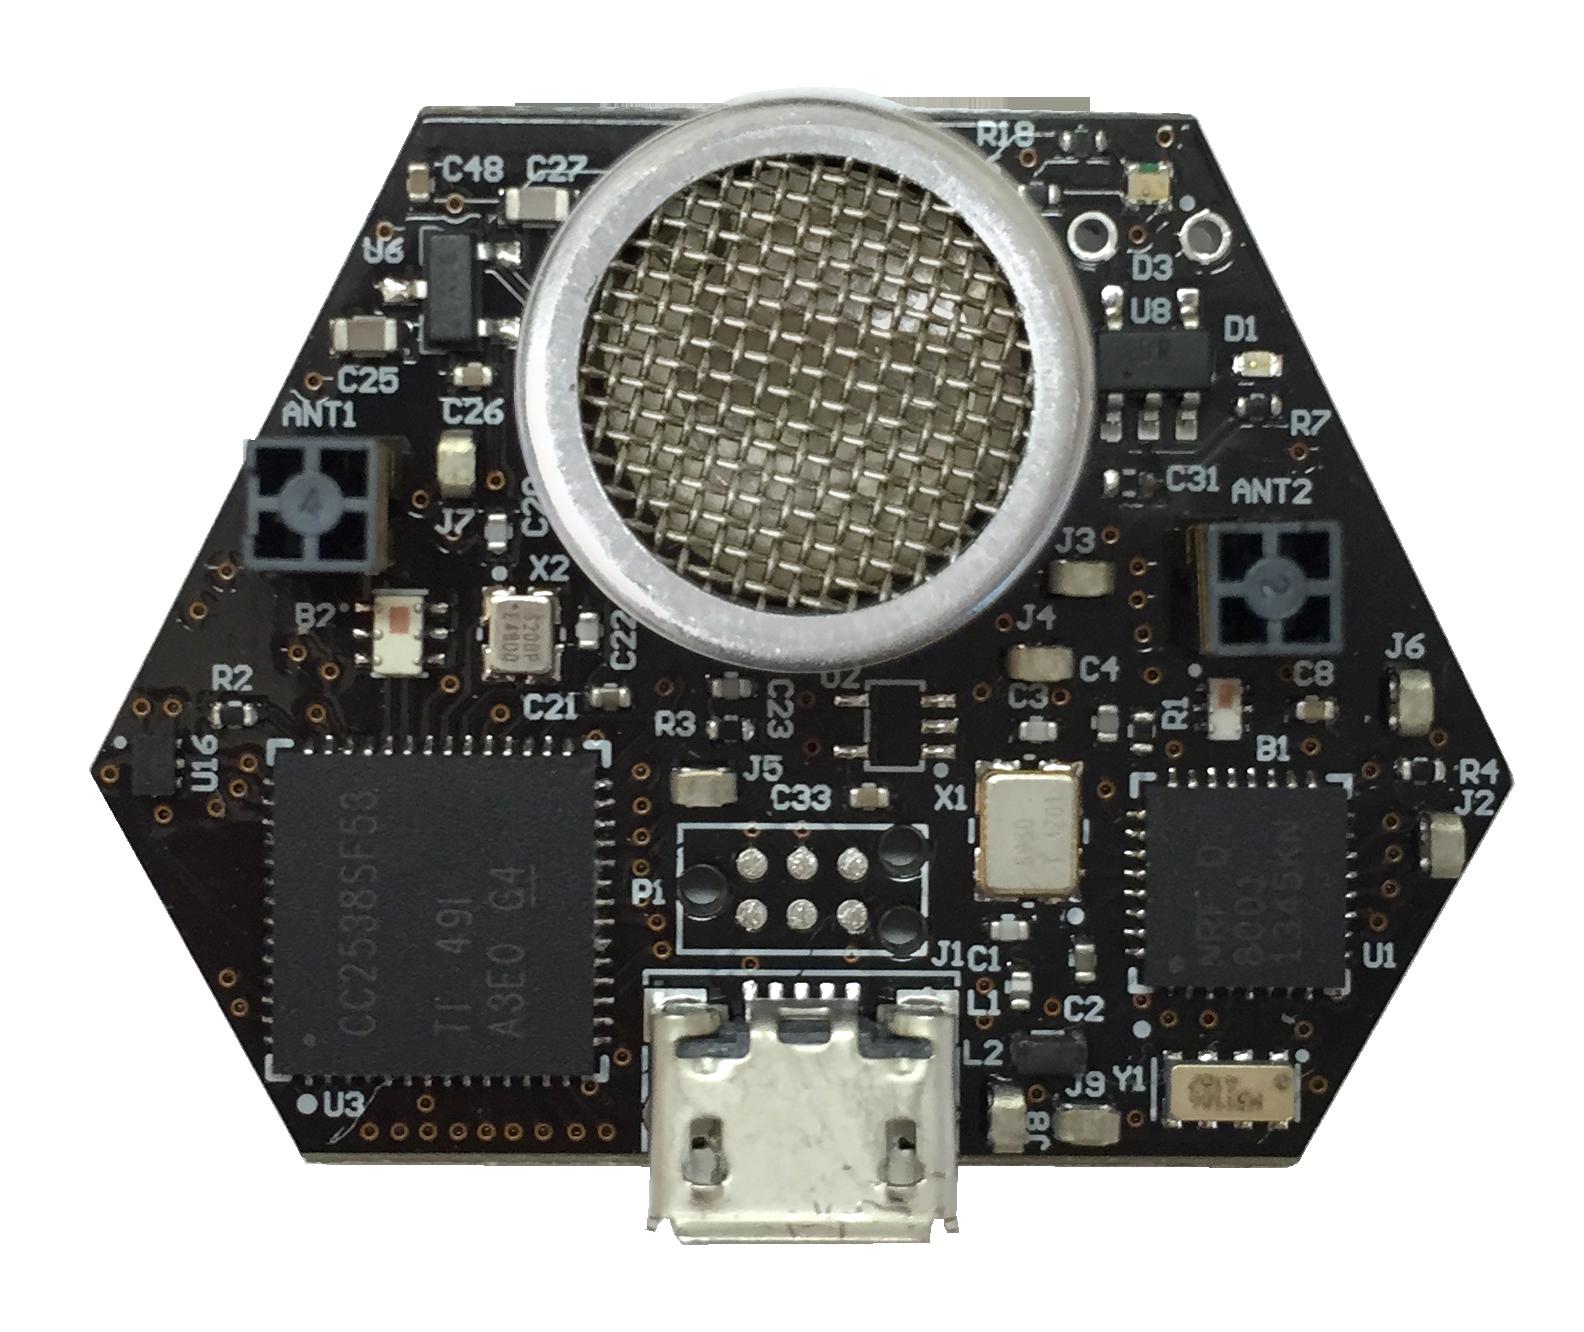 Opo sensor